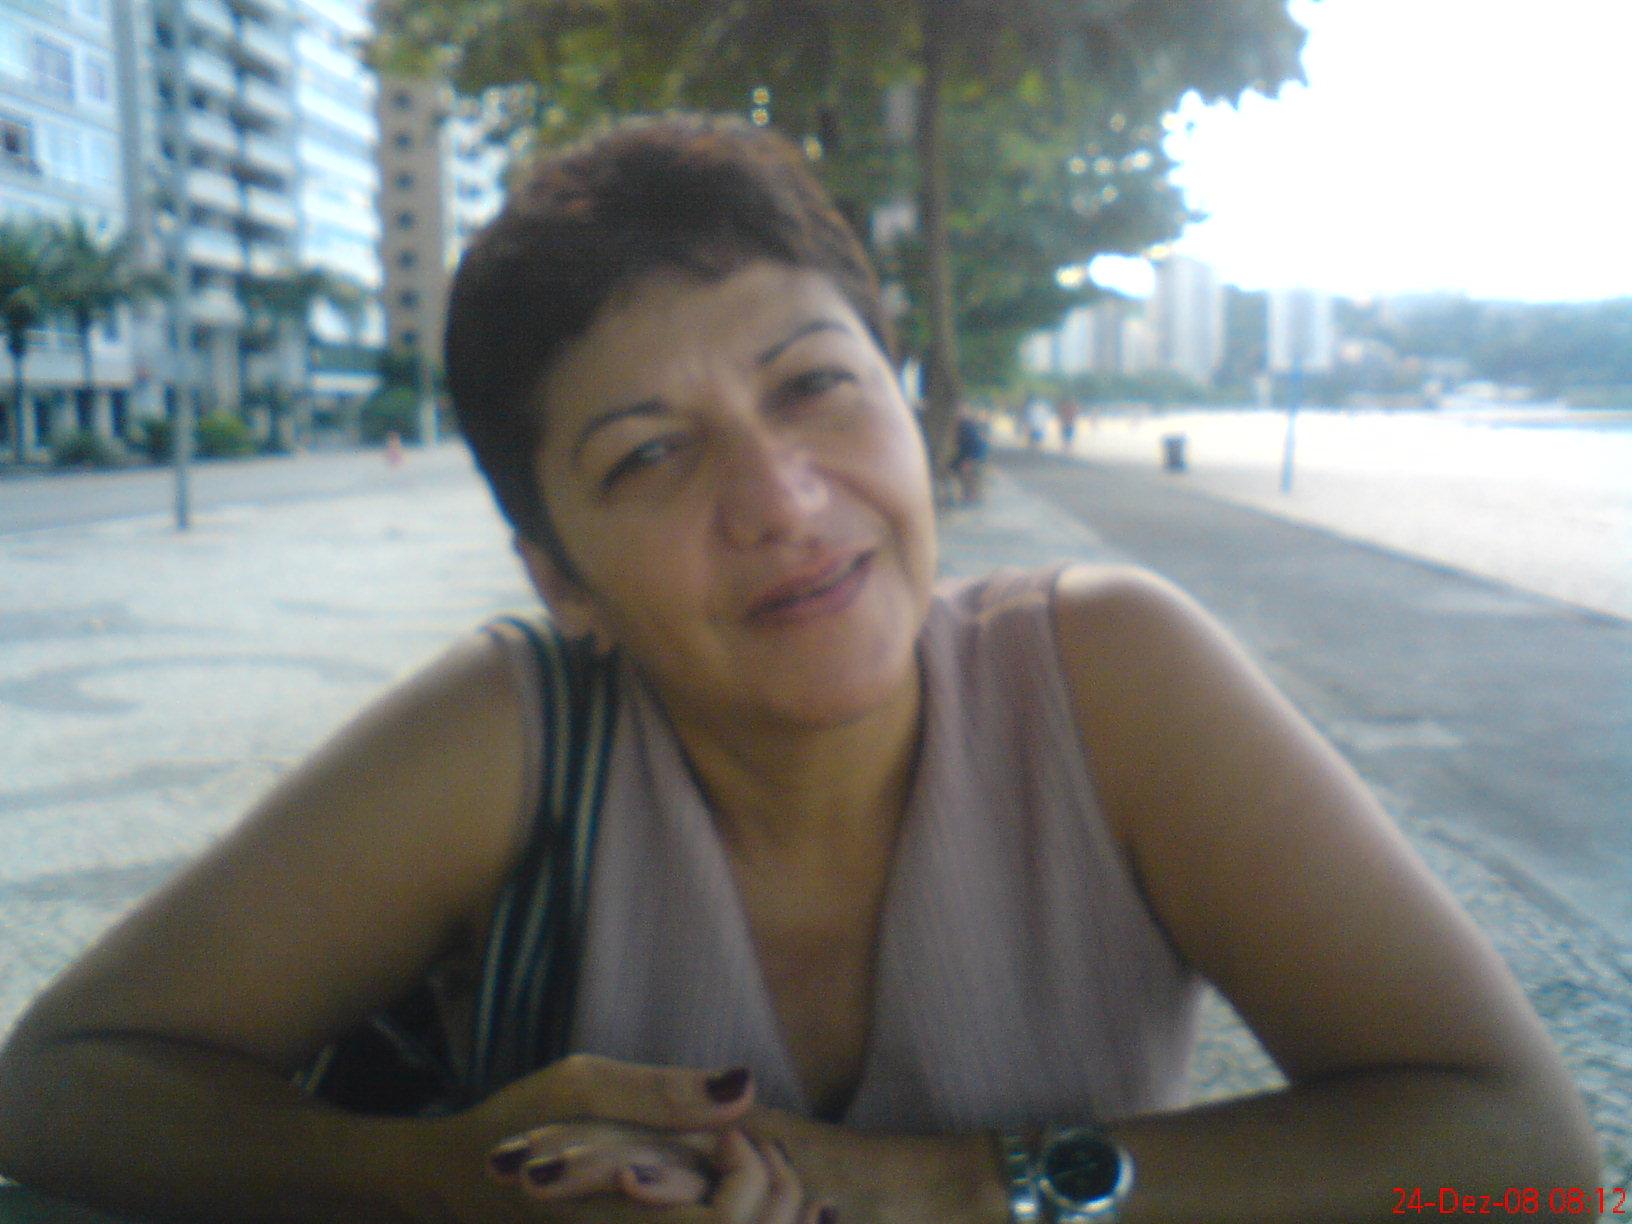 Image20200324 42 vd5e8o